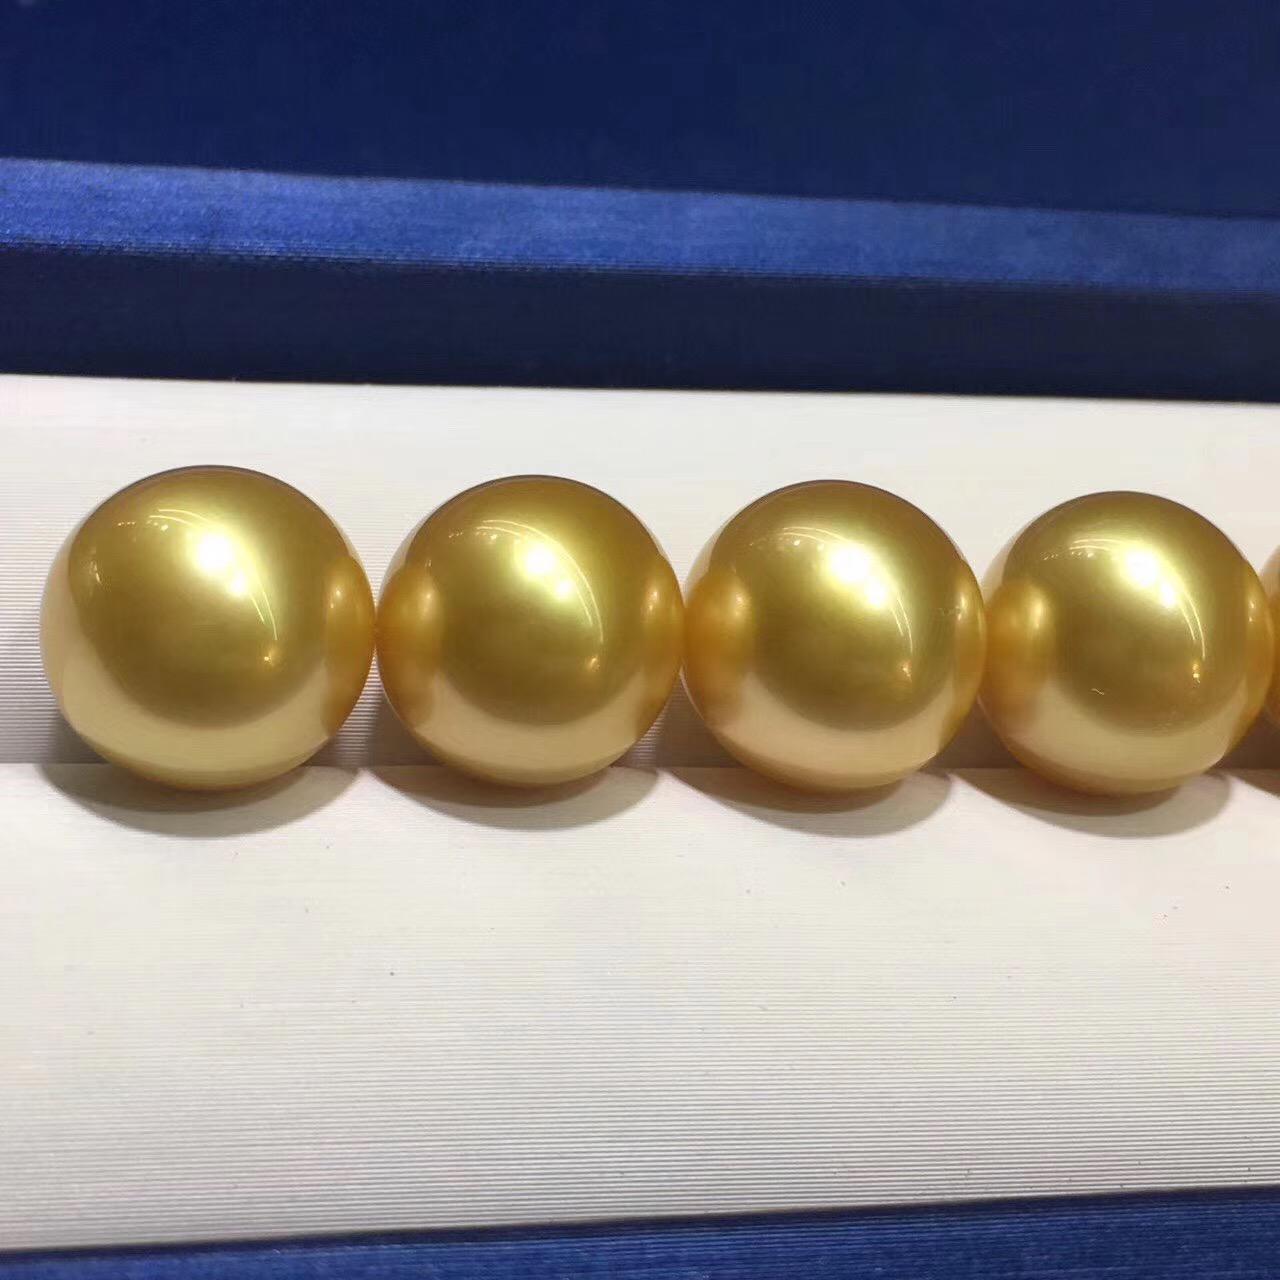 天然深金色无瑕金珠裸珠 12-13mm 色泽好 每个都精选适合做对珠